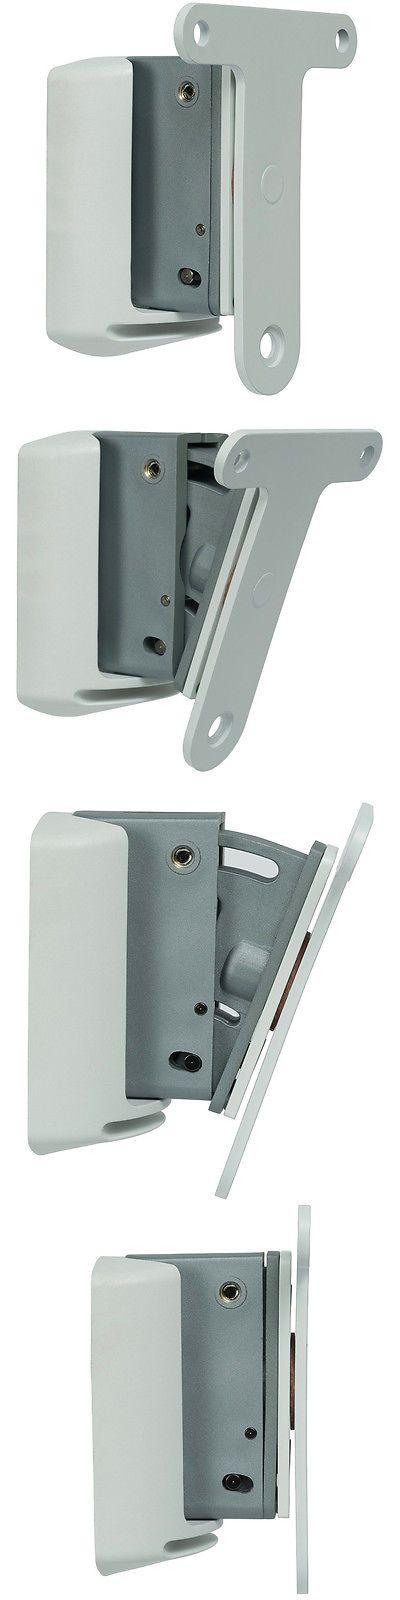 Speaker Mounts and Stands: Flexson White Wall Bracket Mount For Sonos Speakers, Tilt Rotate Swivel - White -> BUY IT NOW ONLY: $49.99 on eBay!